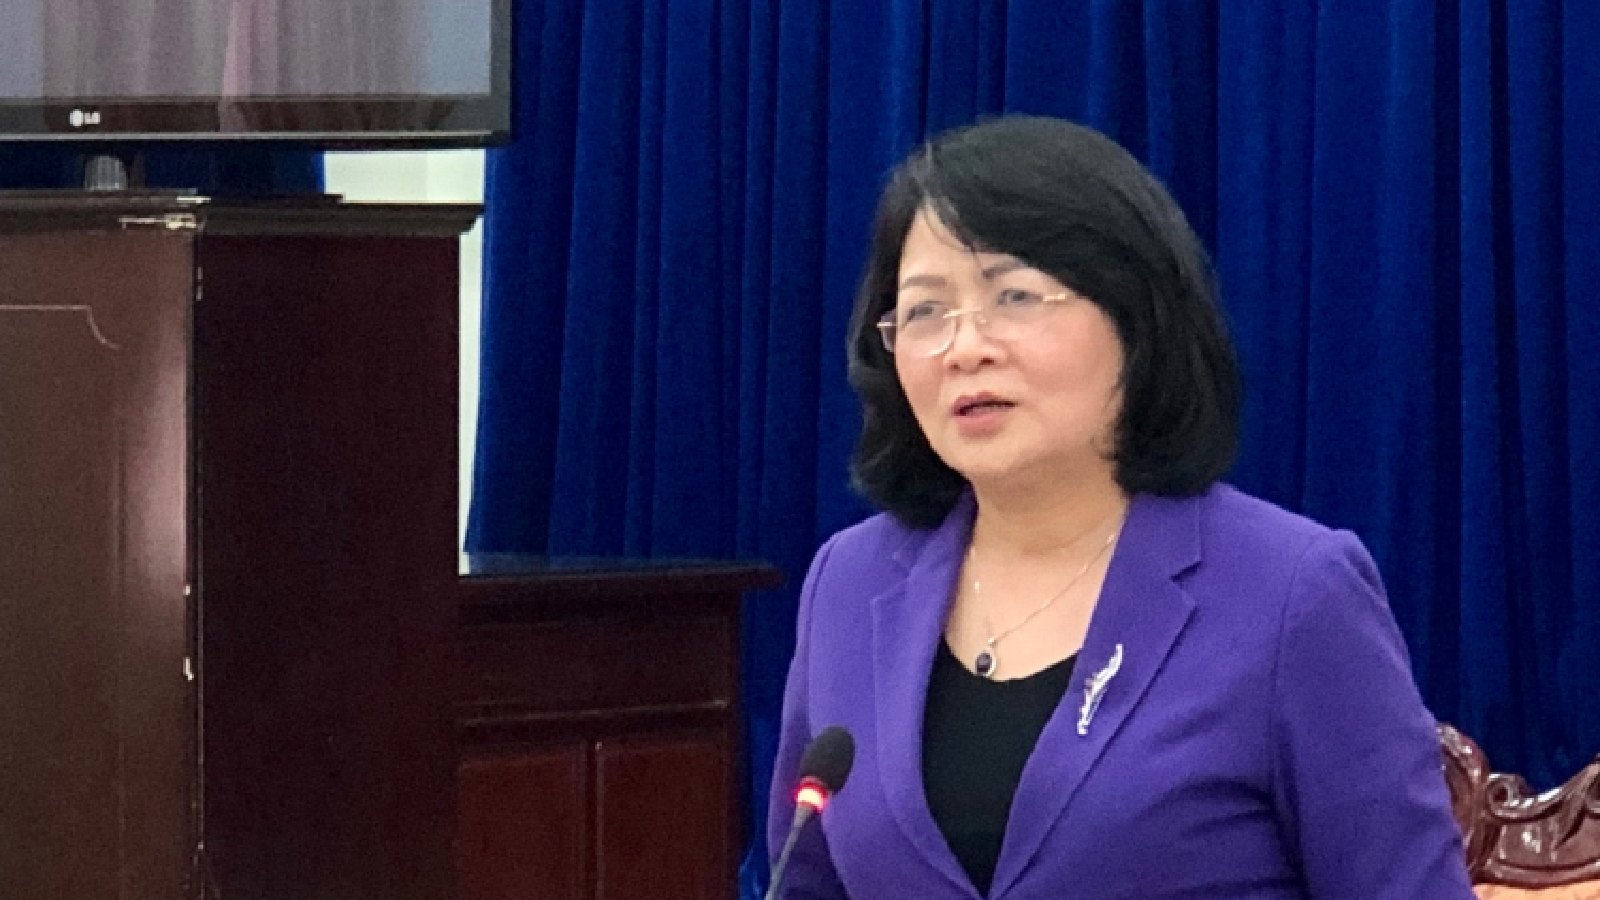 Phó Chủ tịch nước Đặng Thị Ngọc Thịnh kiểm tra công tác chuẩn bị bầu cử tại tỉnh Bạc Liêu